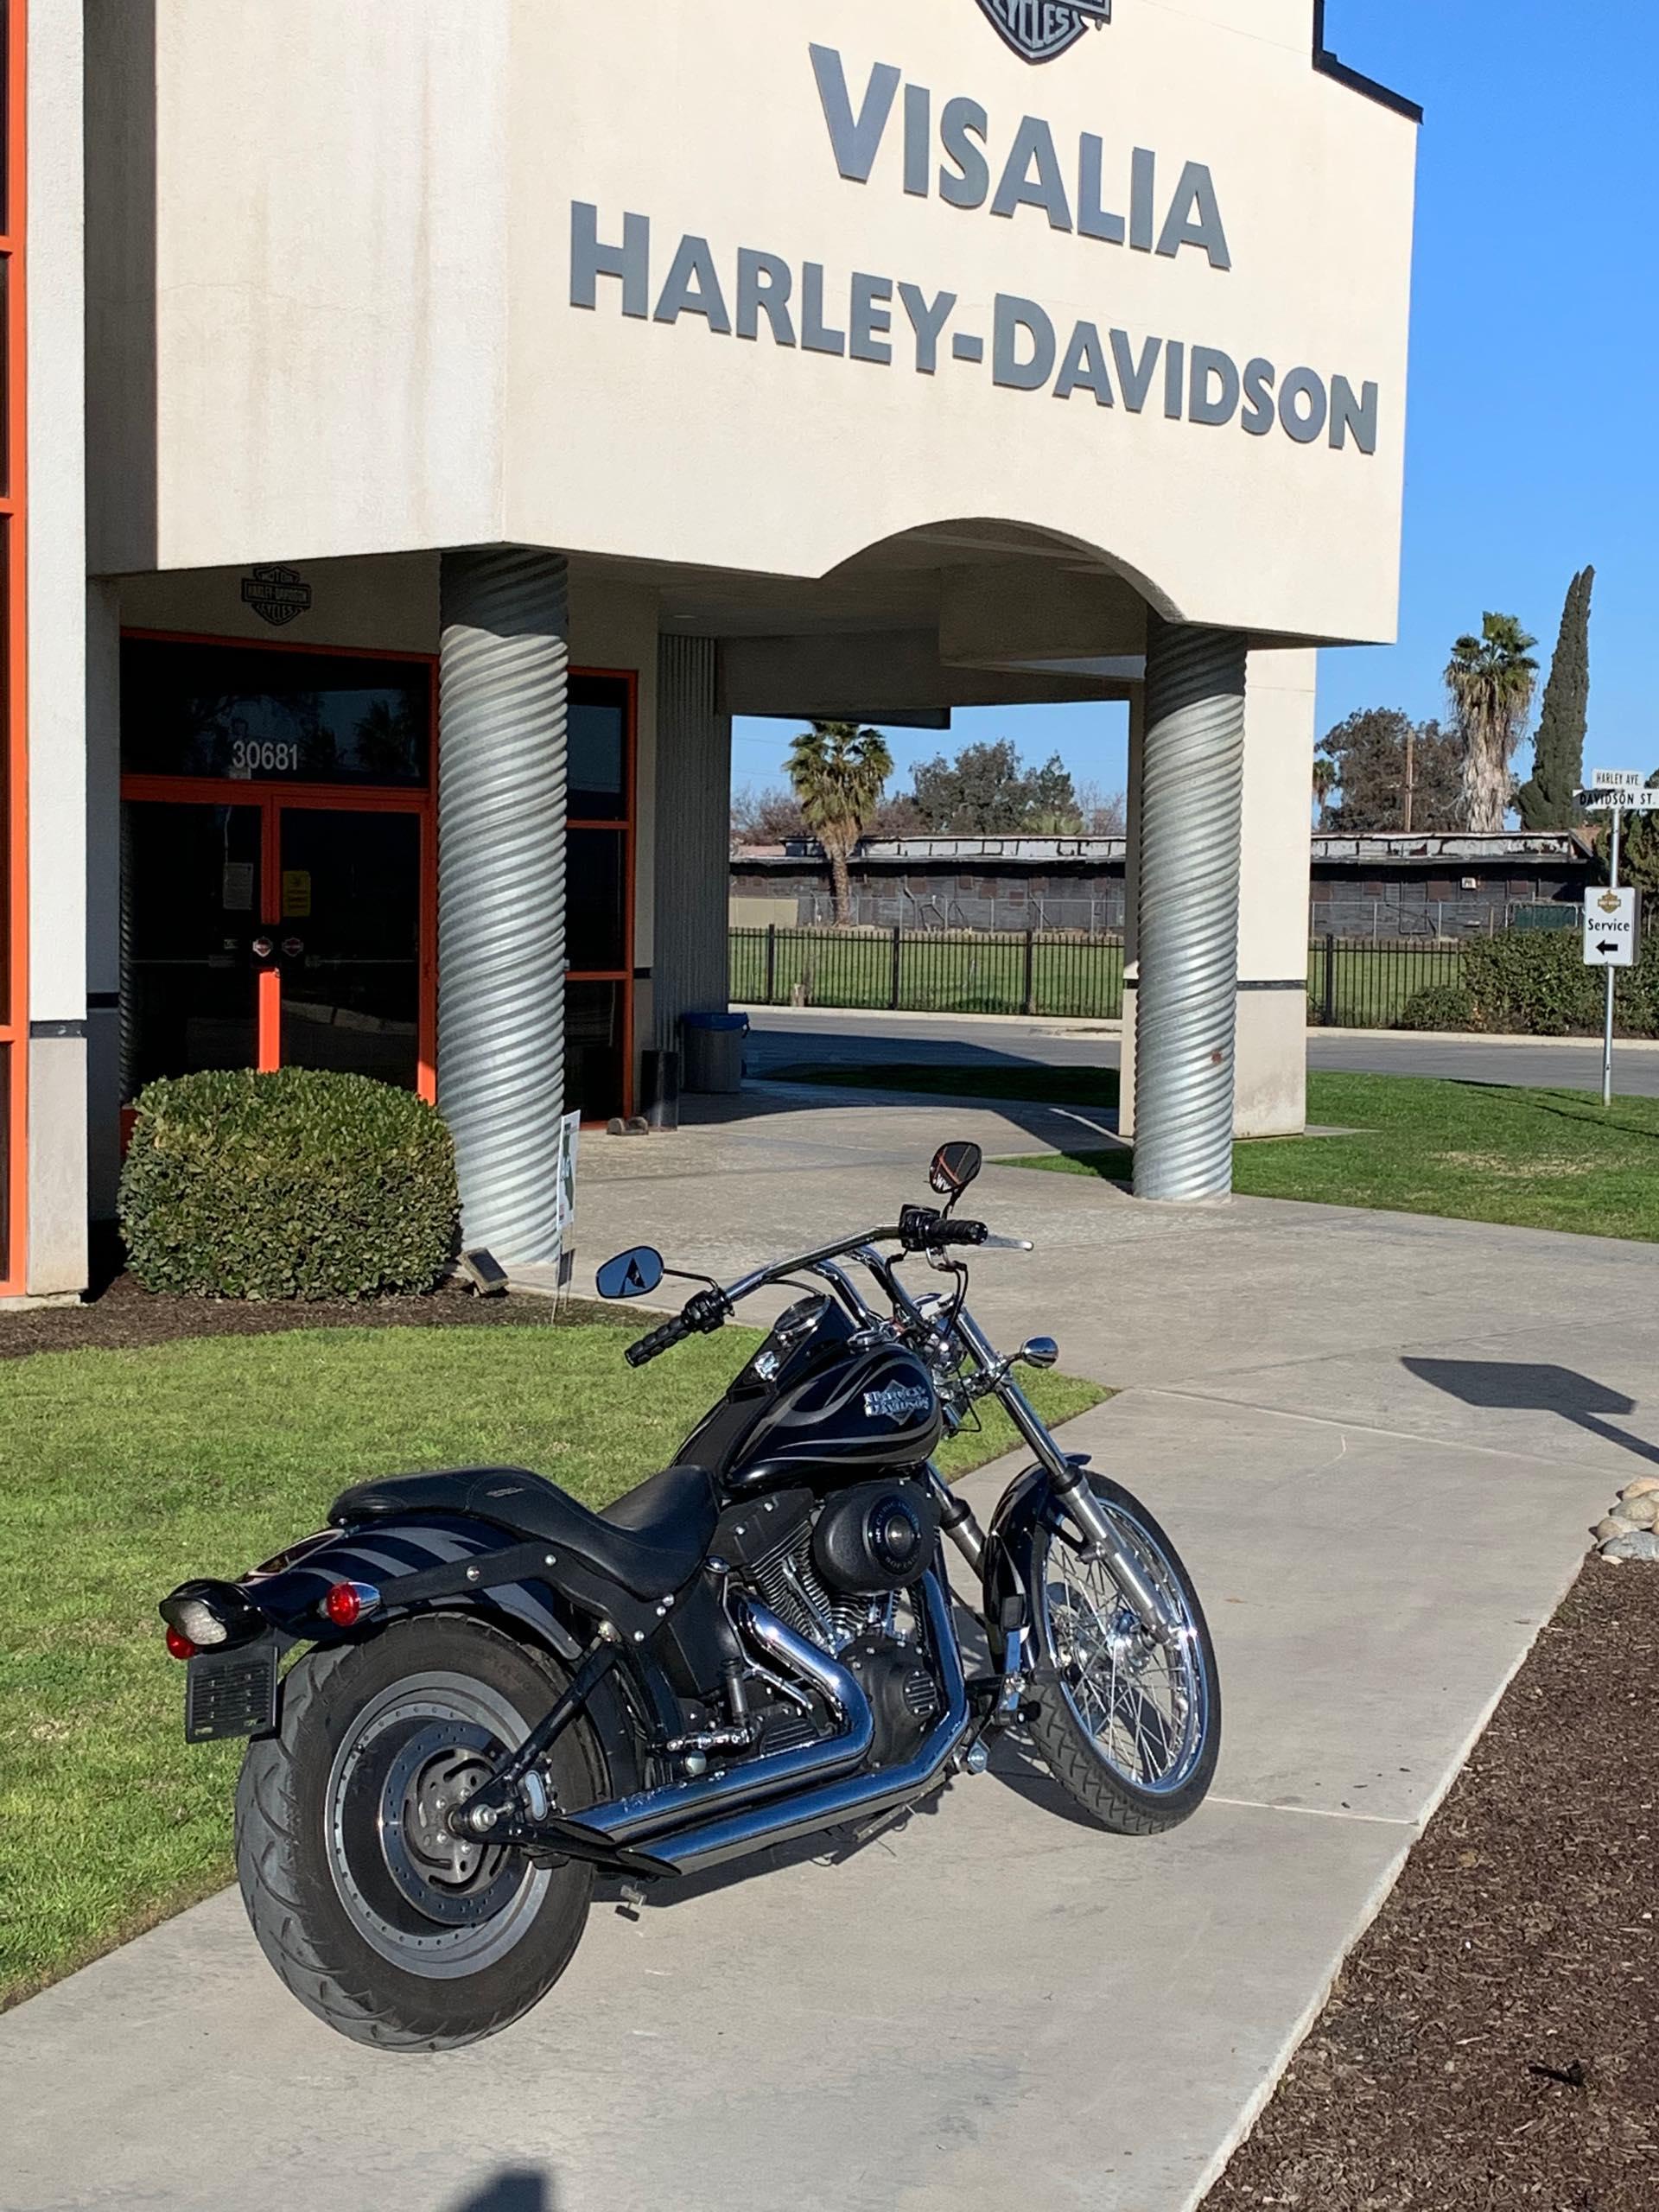 2004 Harley-Davidson Softail Night Train at Visalia Harley-Davidson